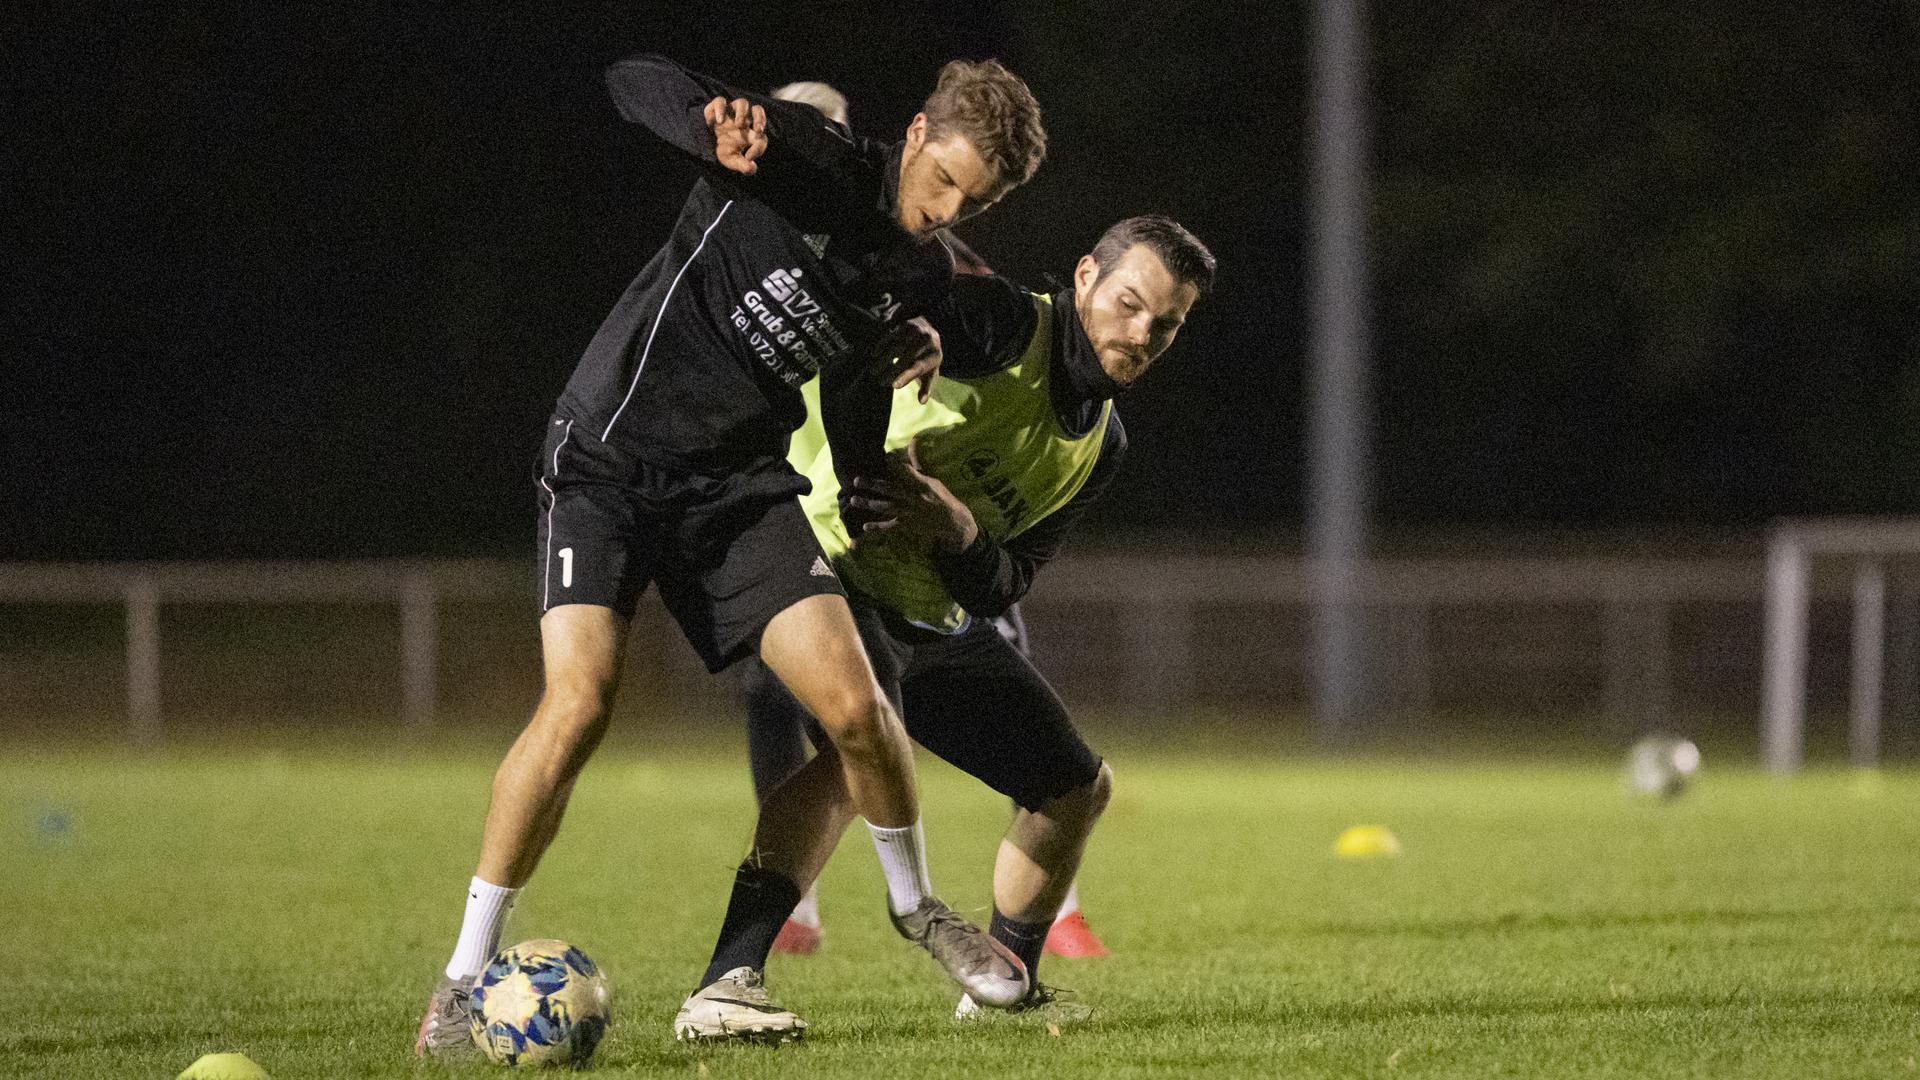 Macht den Anfang: Innenverteidiger Marlon Dinger (vorne) ist der erste Perspektivspieler des Karlsruher SC, der im Zuge der Kooperation nun auf Leihbasis für den 1. FC Bruchsal aufläuft.